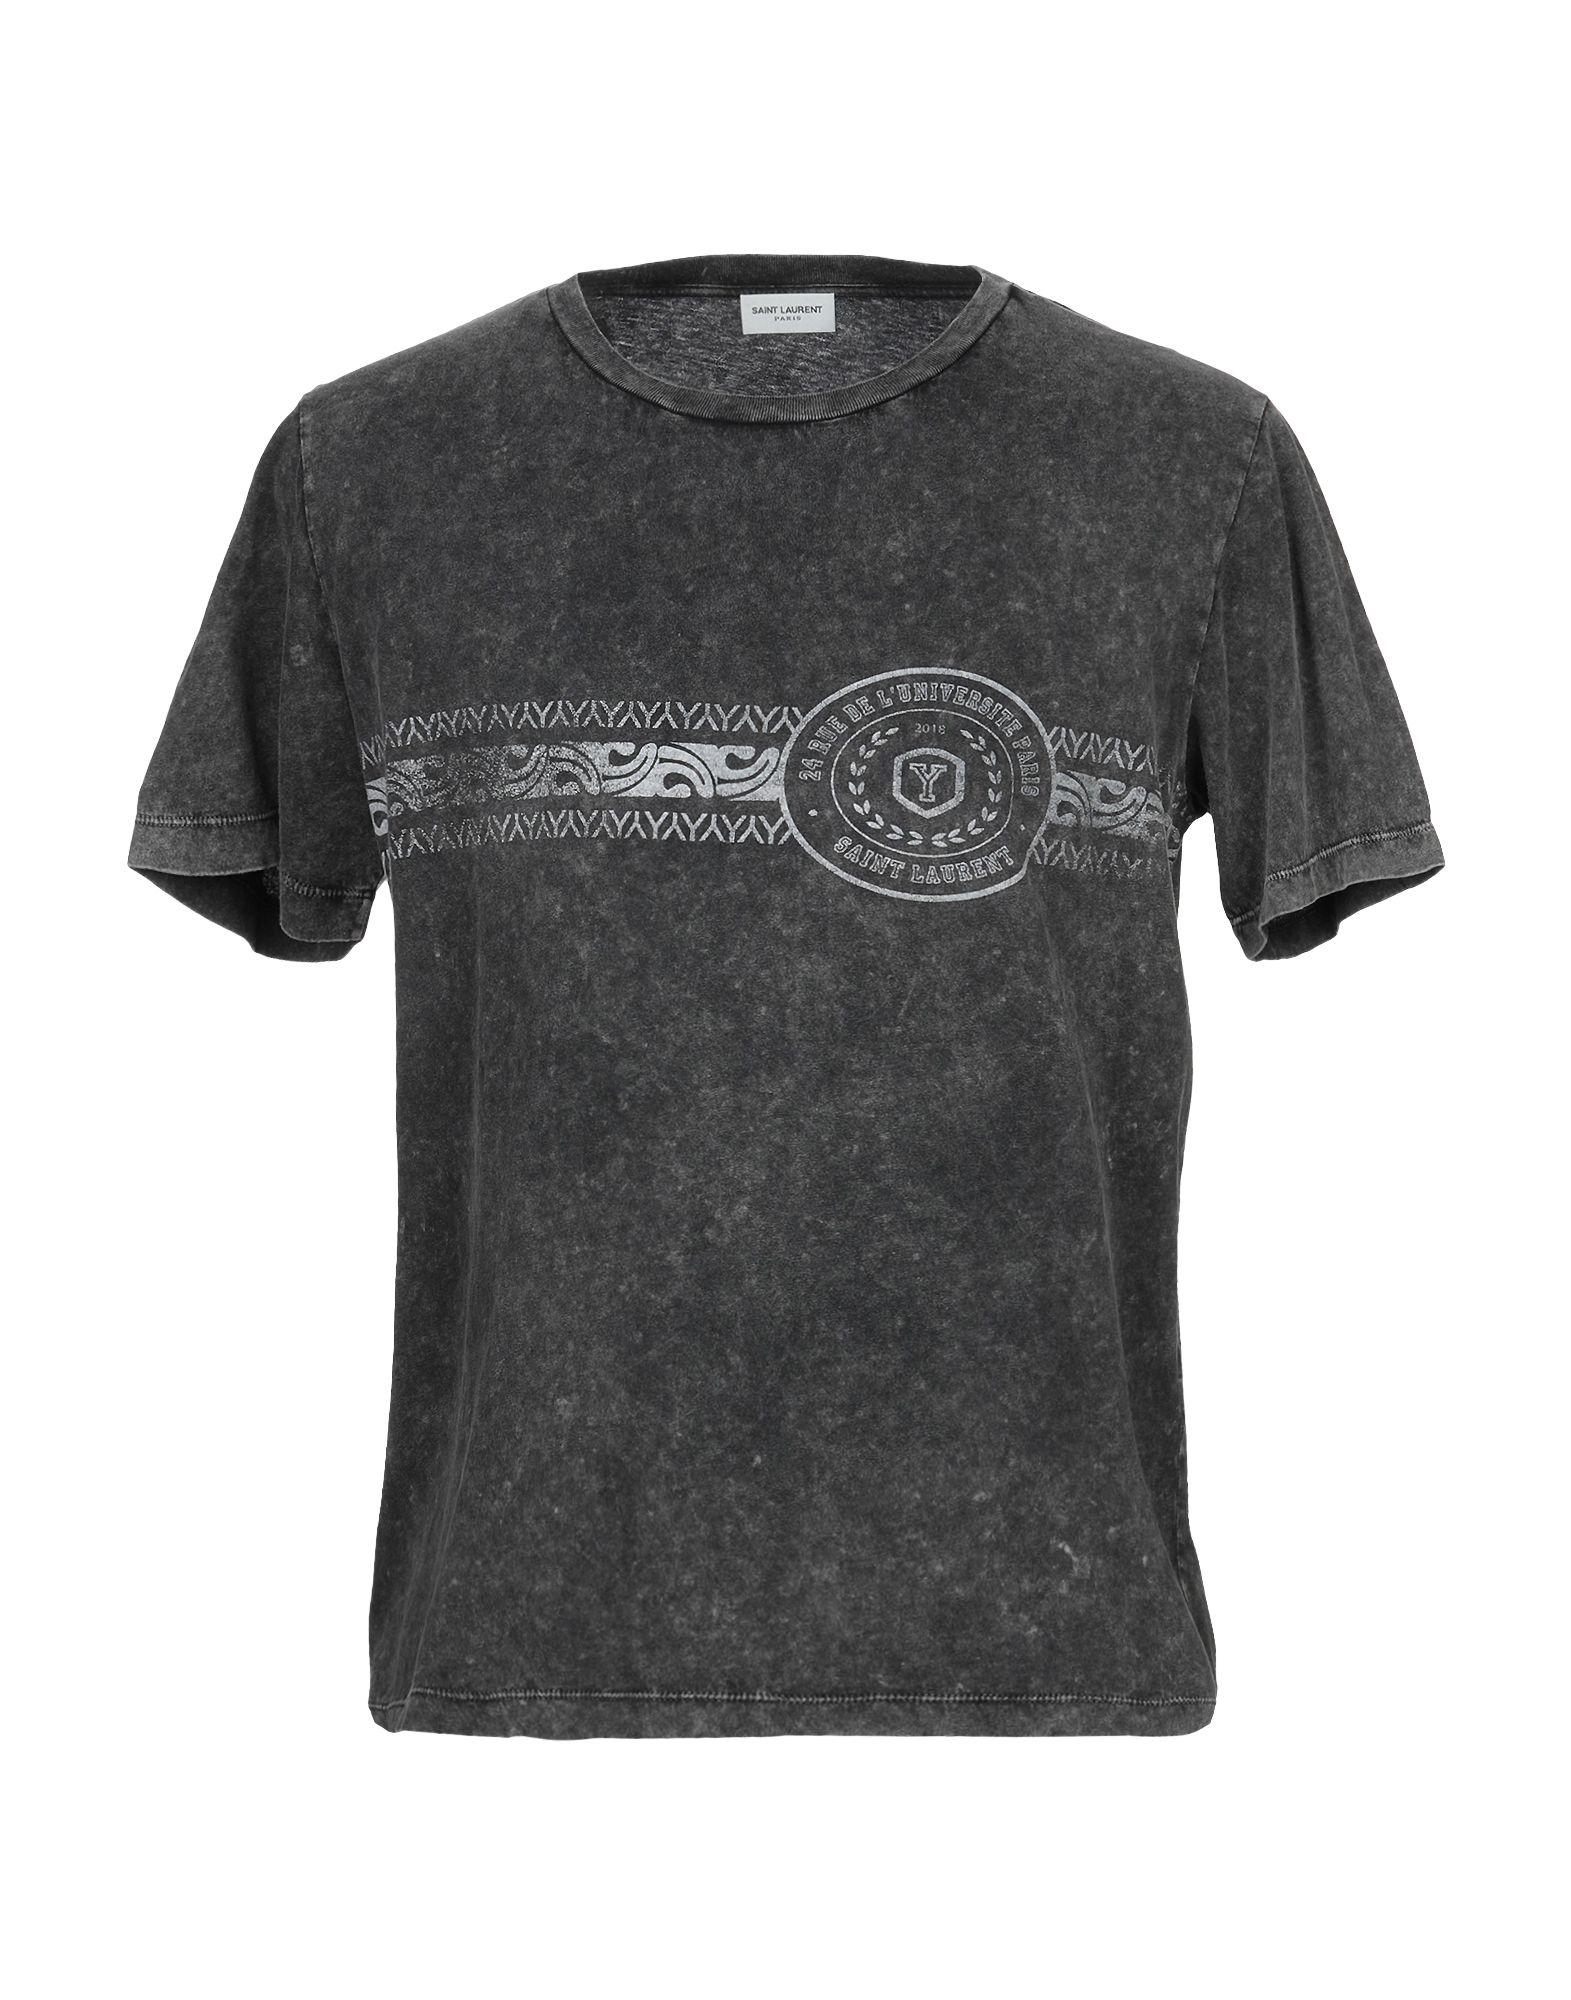 saint laurent t shirt 2018